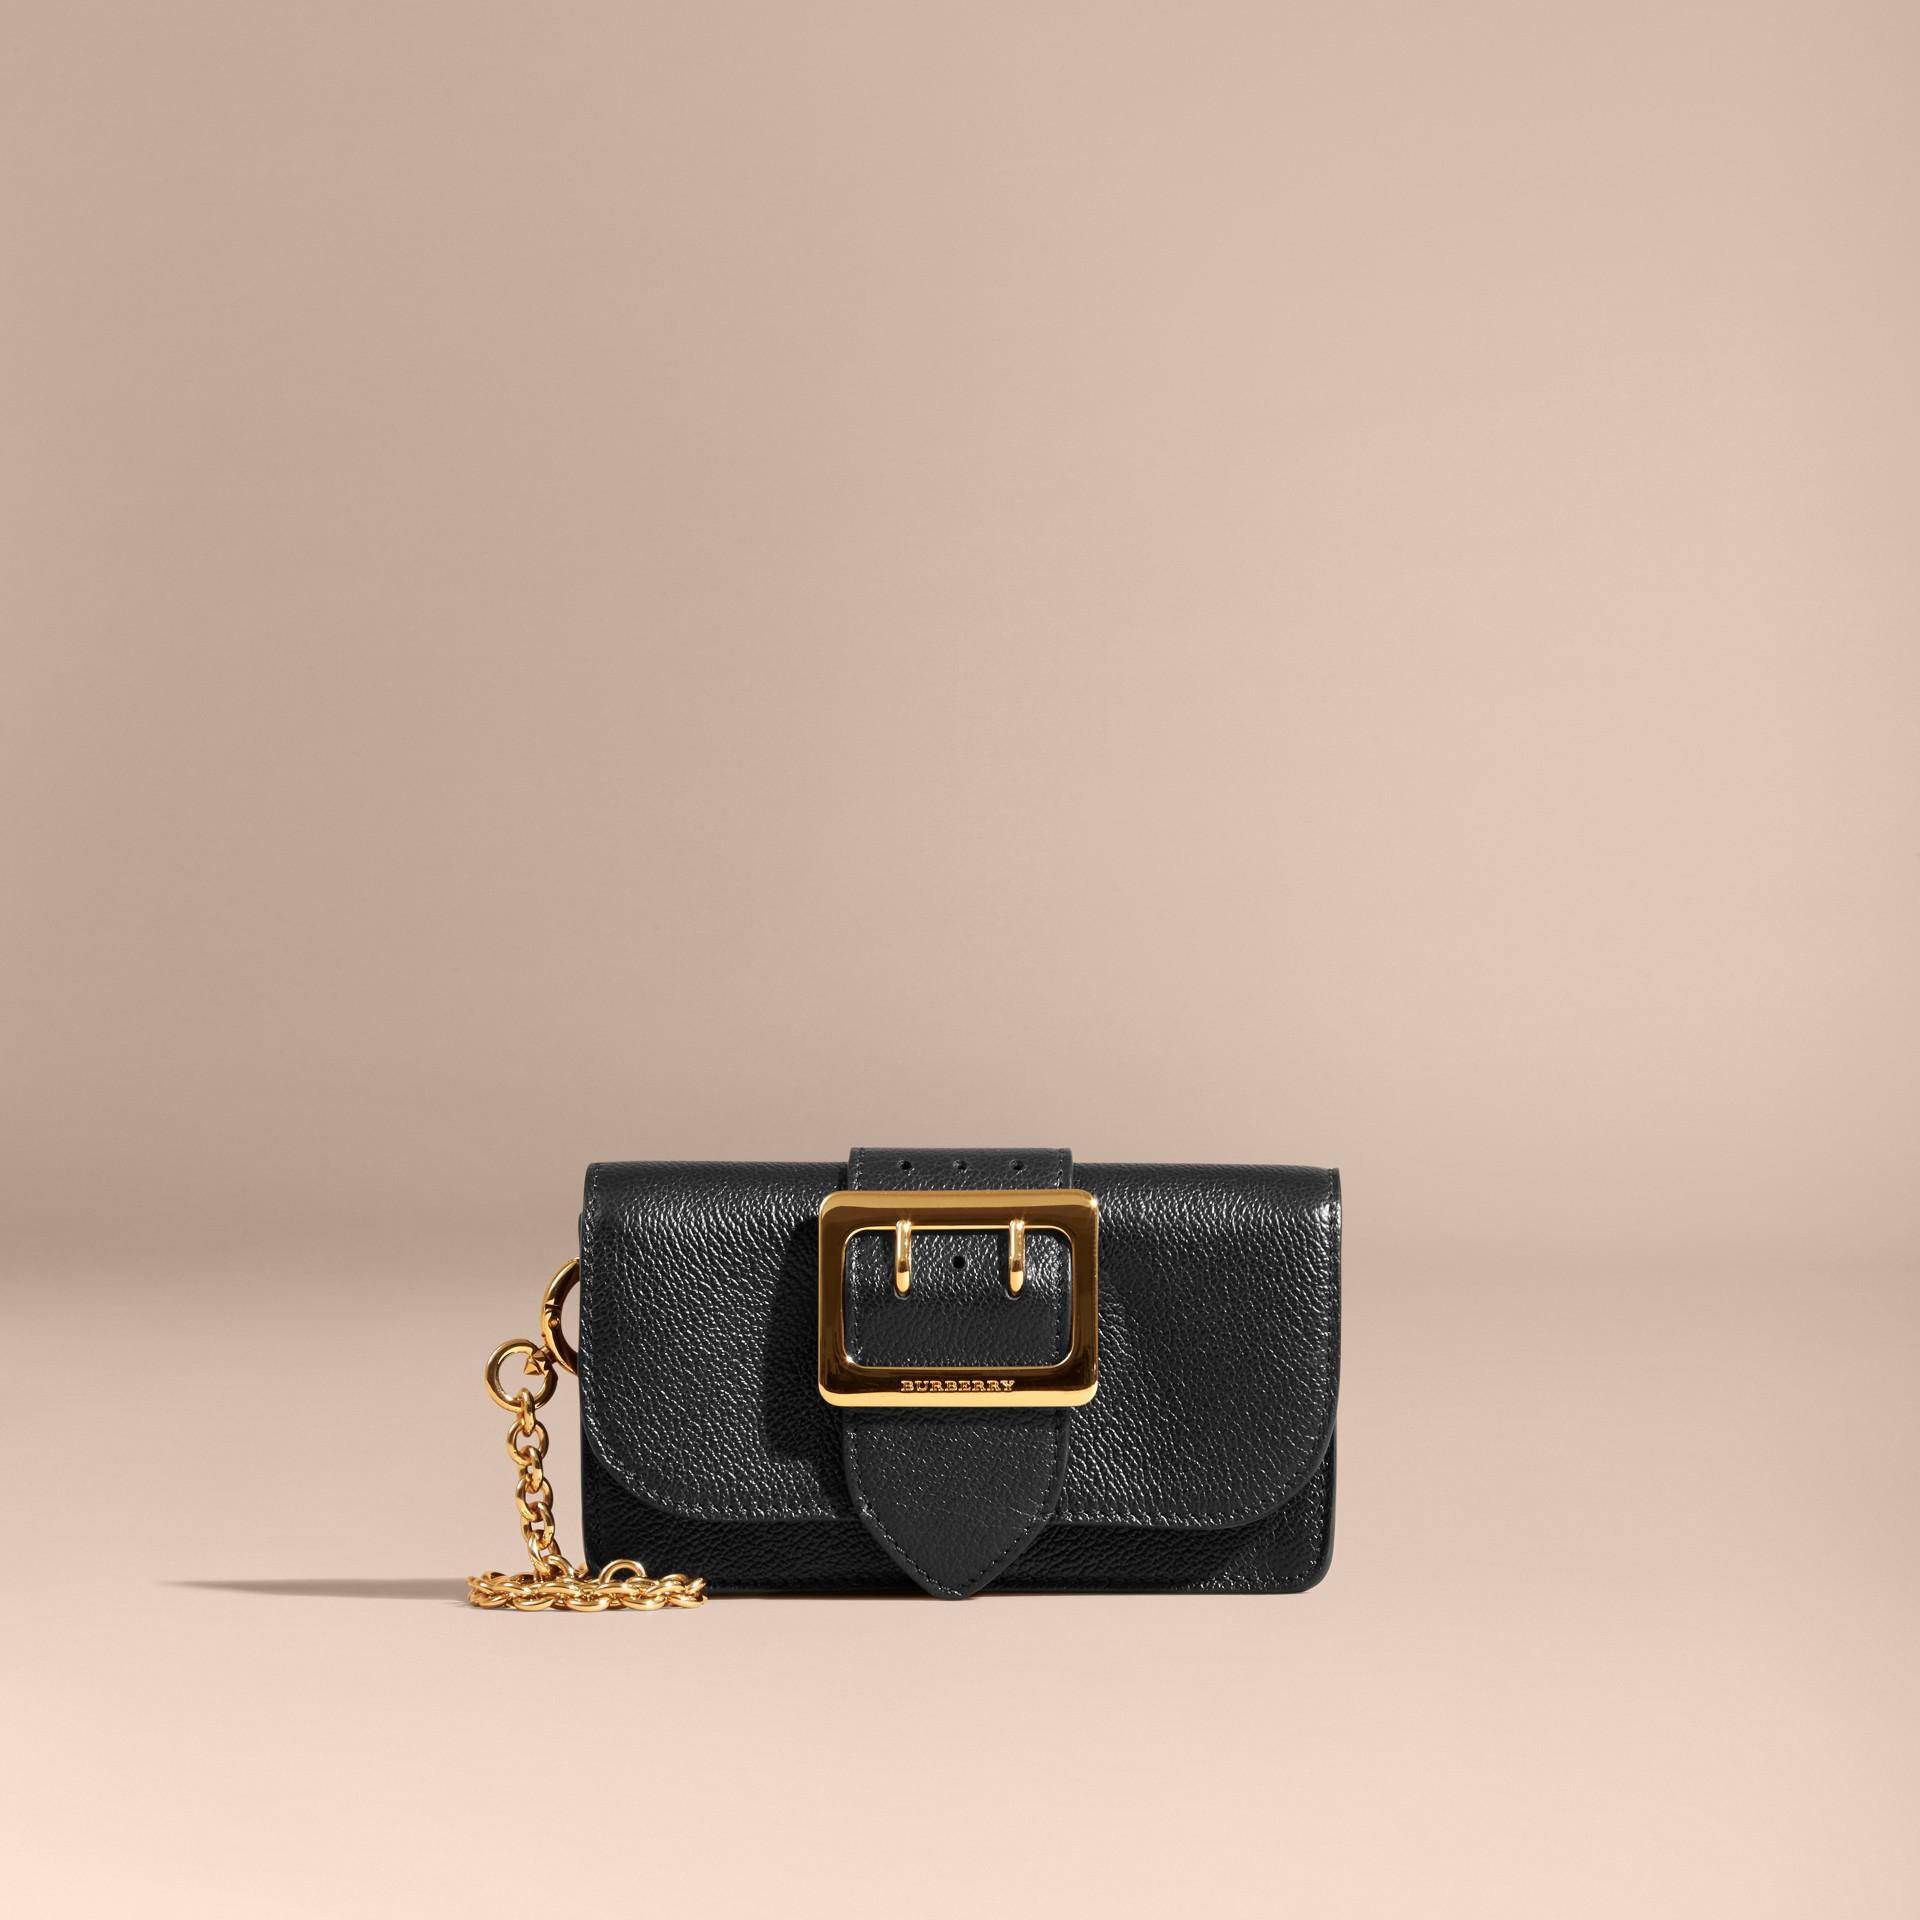 Mini sac The Buckle en cuir grainé Noir - photo de la galerie 7